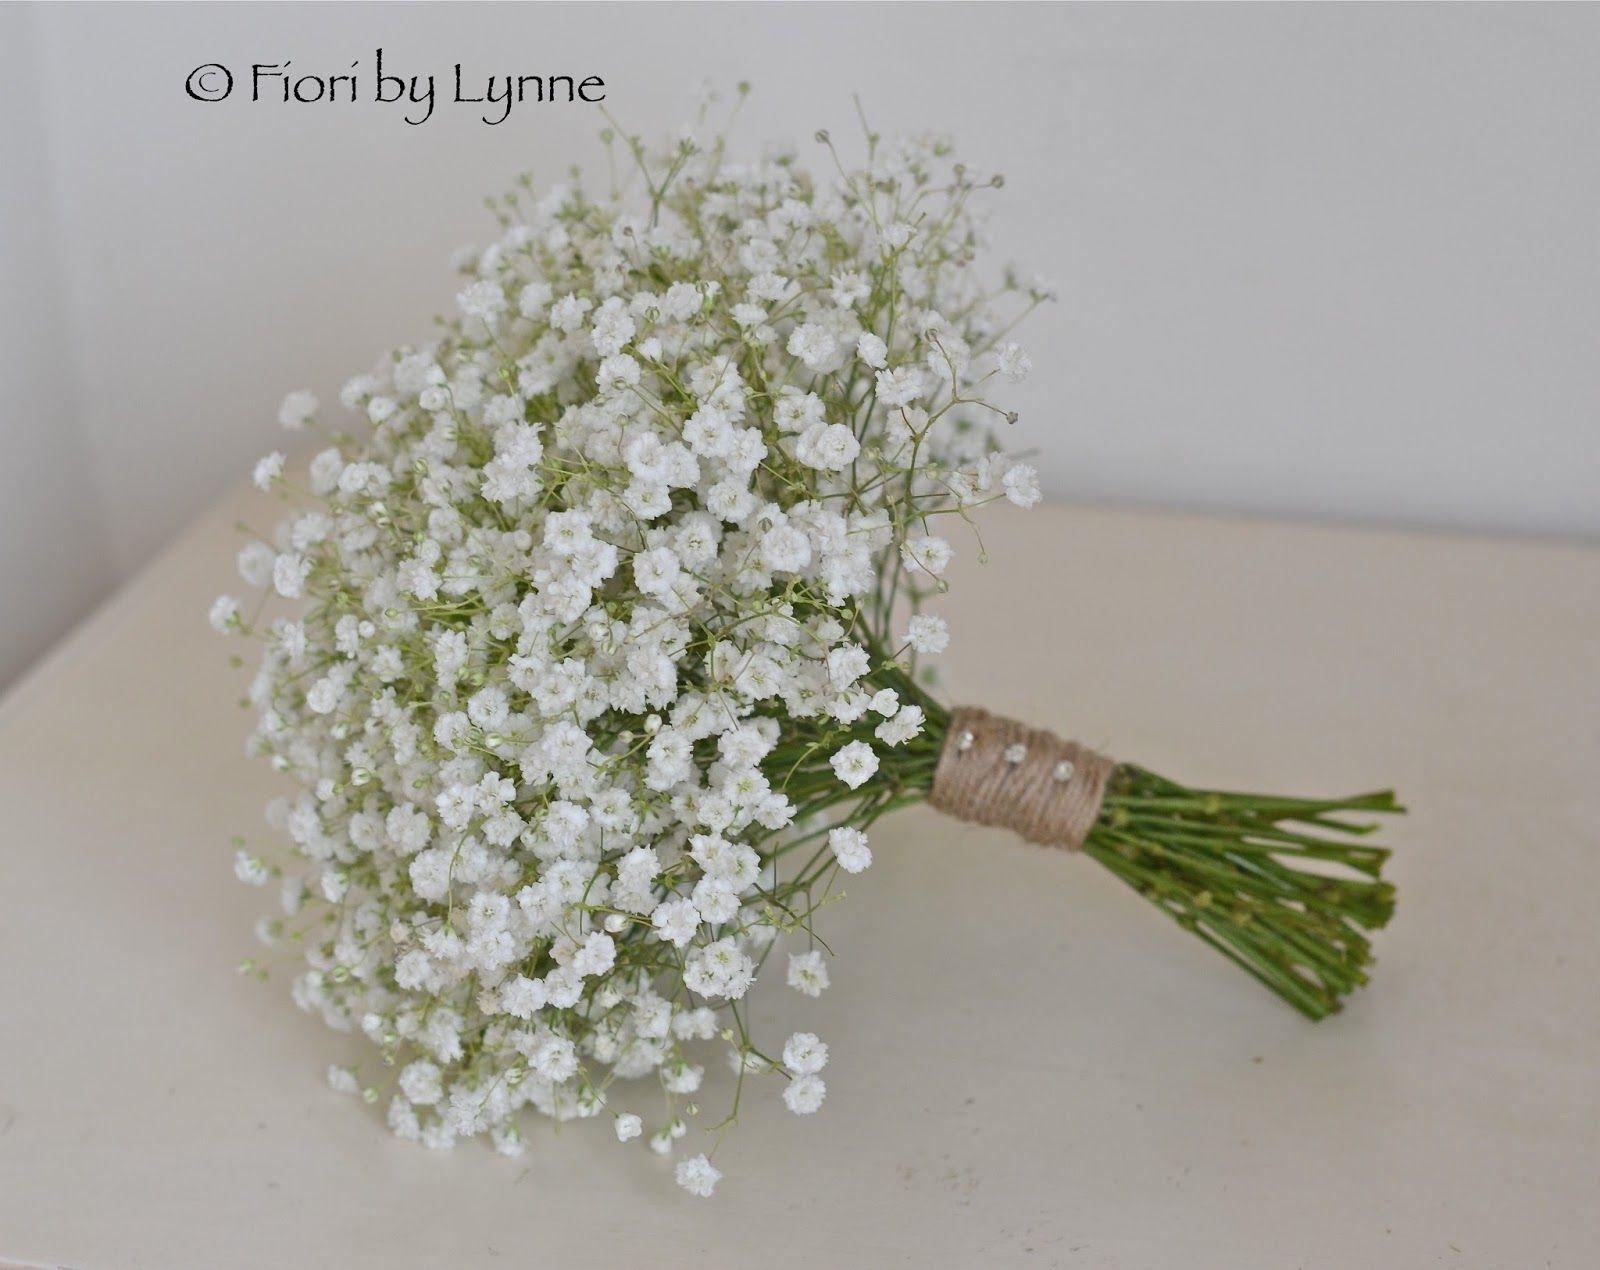 Мелкие цветочки в букете как называются, цветов